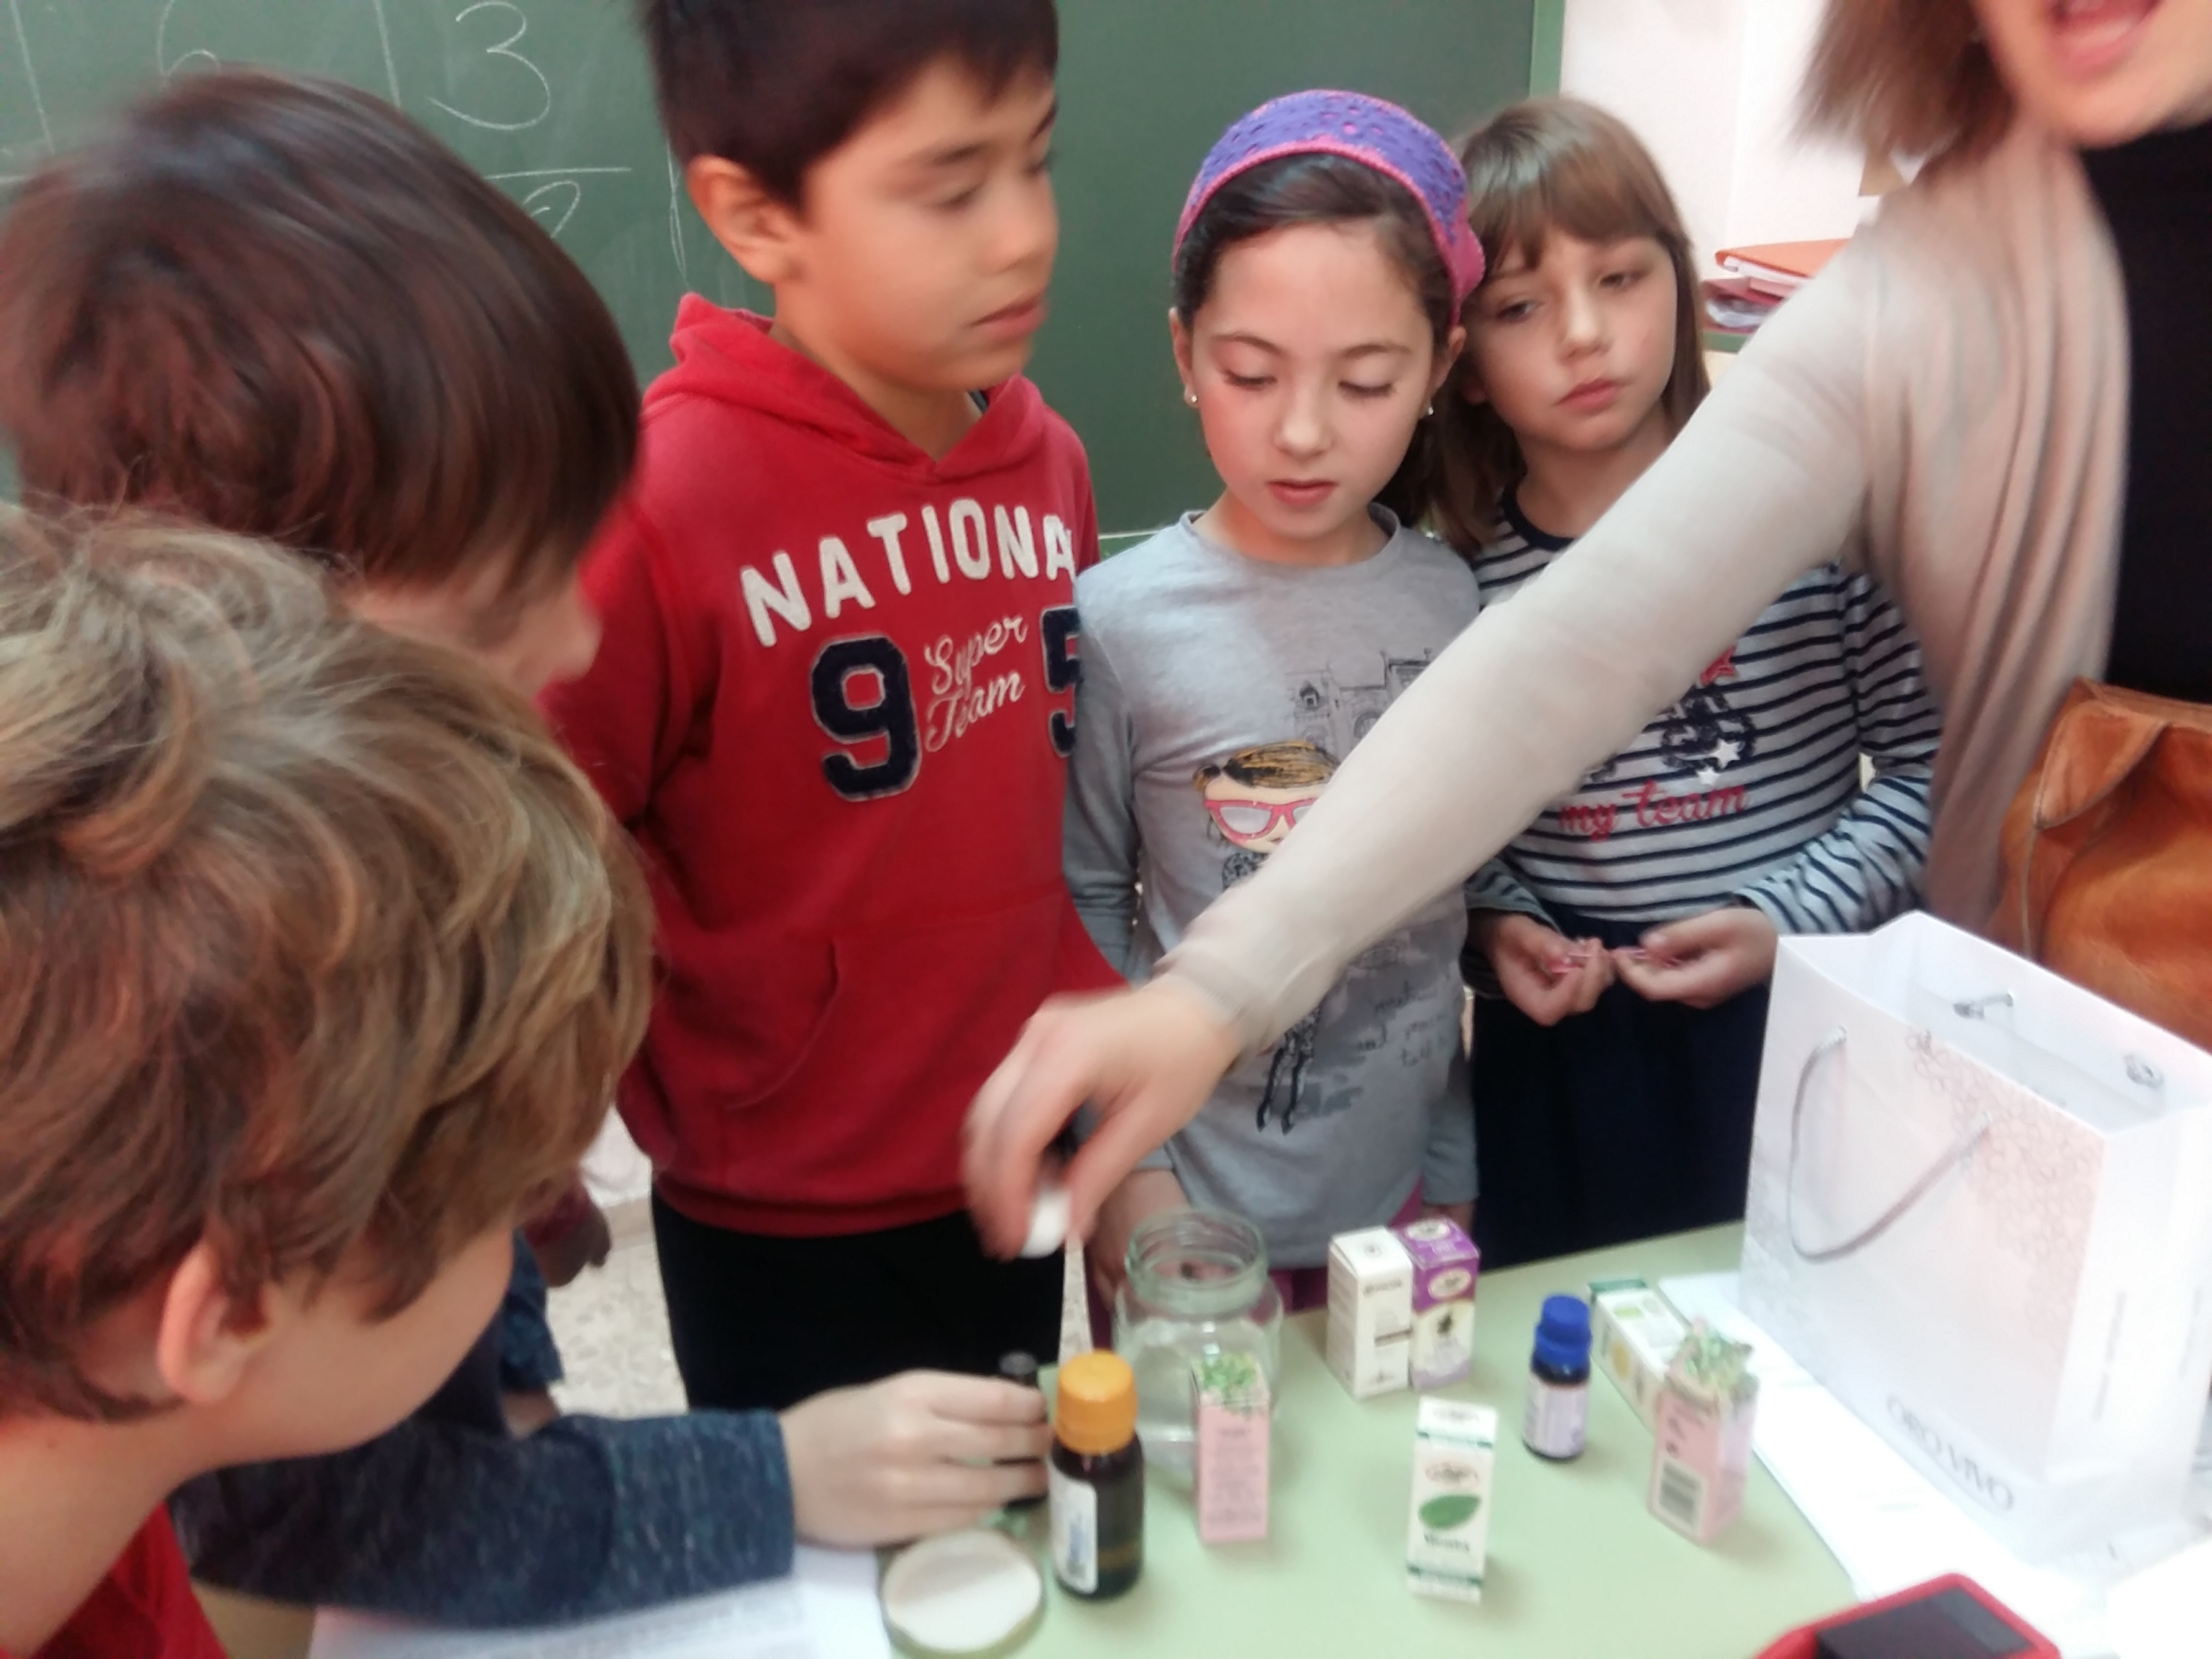 Science experiments. Parfum. 19